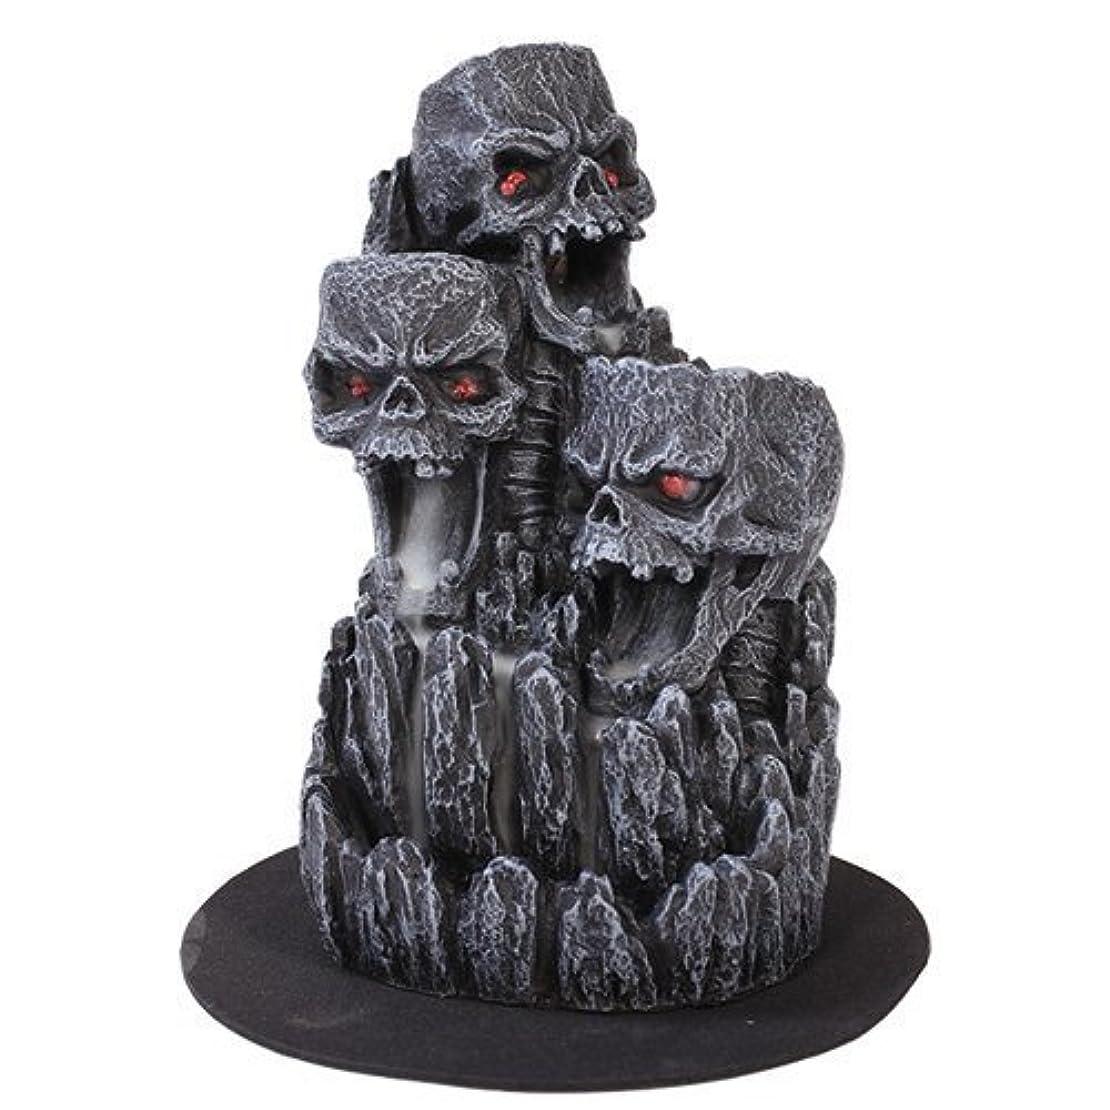 鹿シーフード原子炉ゴシックスカル(お香立て)マウンテンタワー オブジェ Gothic Skull Backflow Incense Tower